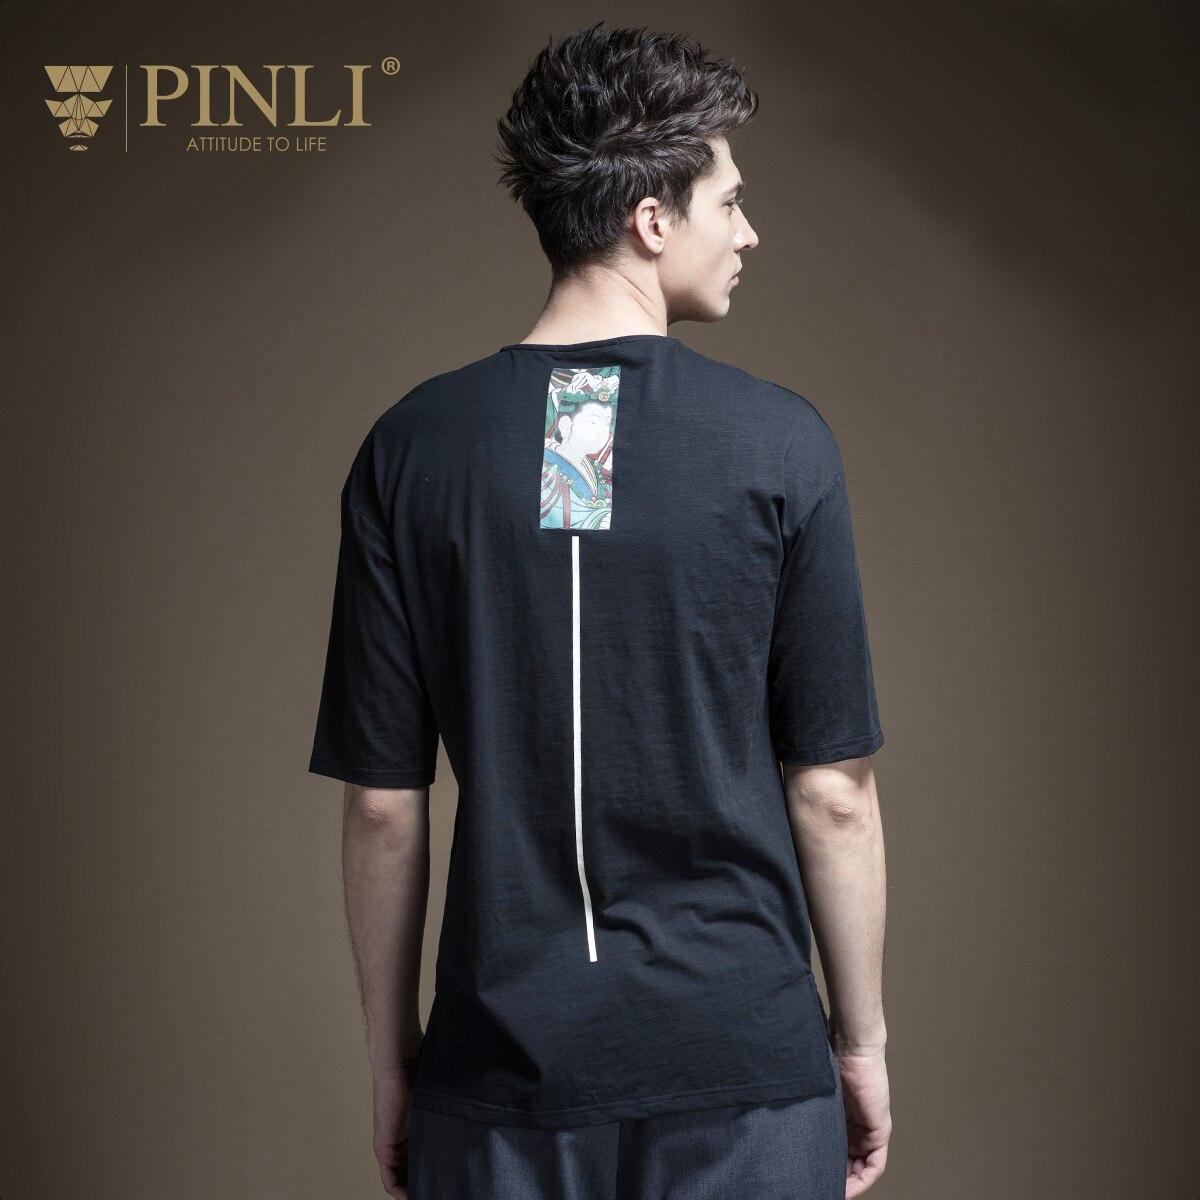 Pinli Promosyon Moda O-Boyun Bambu Elyaf Baskı Ürünleri 2017 Yaz Yeni erkek Giyim, T-shirt, kısa Kollu Gömlek B172611428